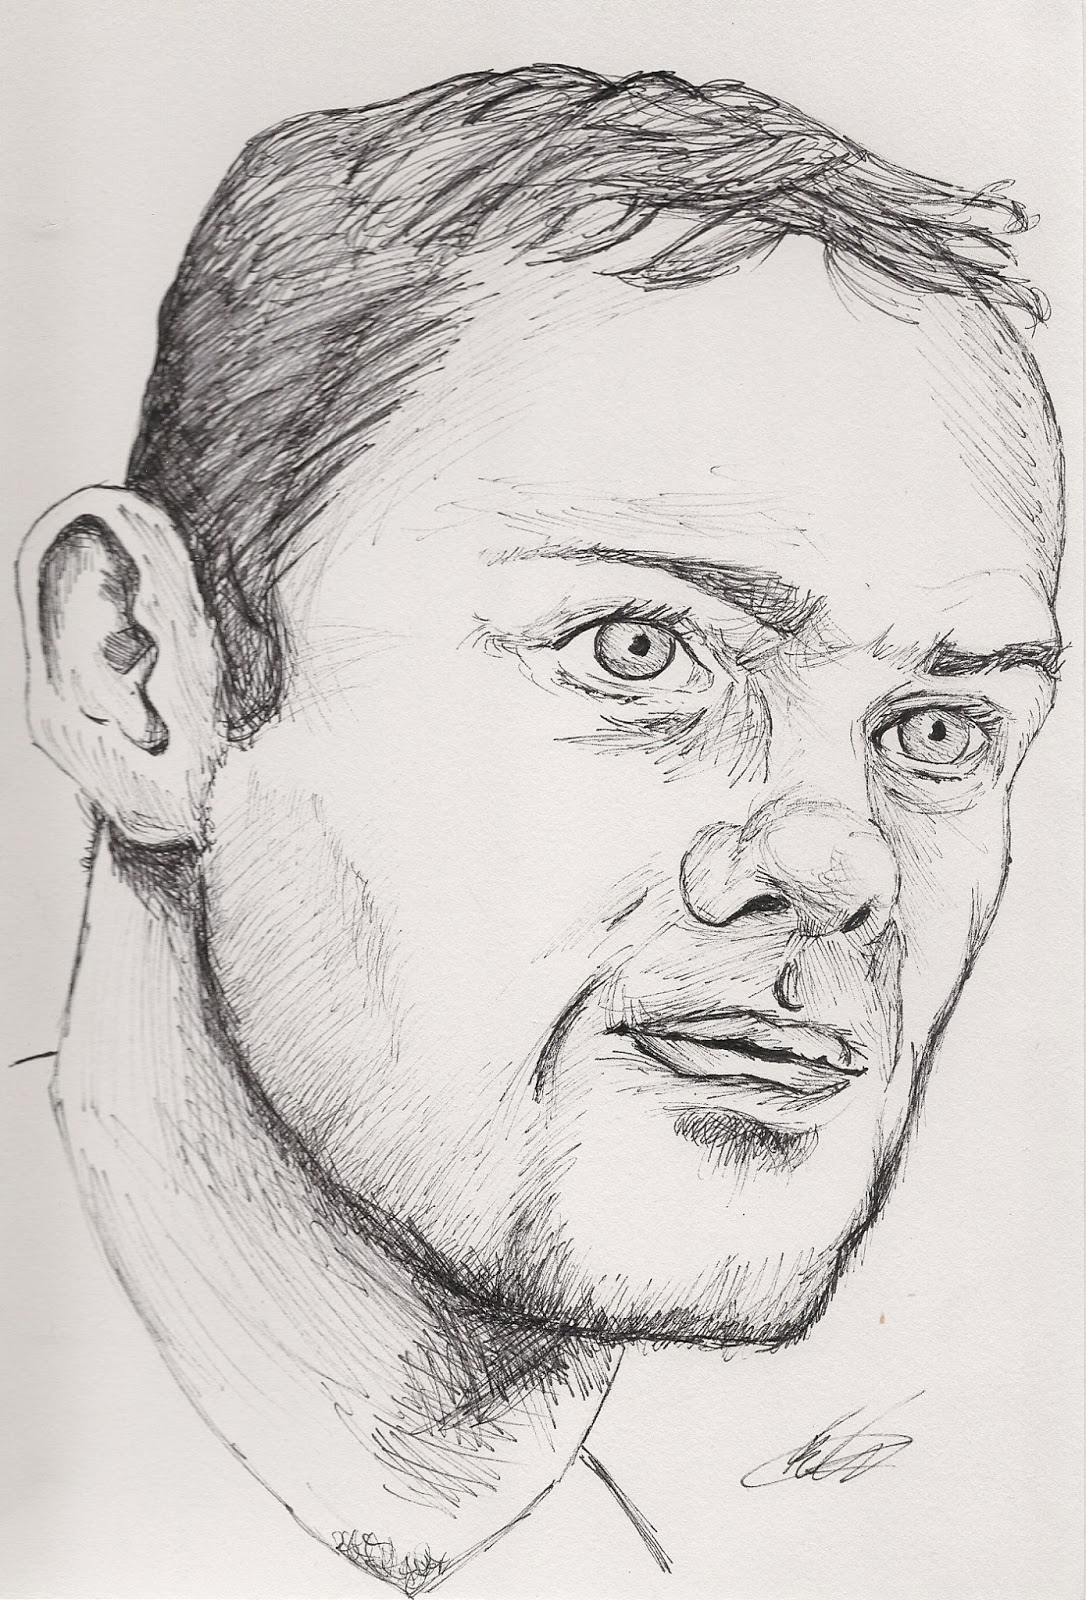 Wayne Rooney Sketch Wayne Rooney Drawing Wayne rooney